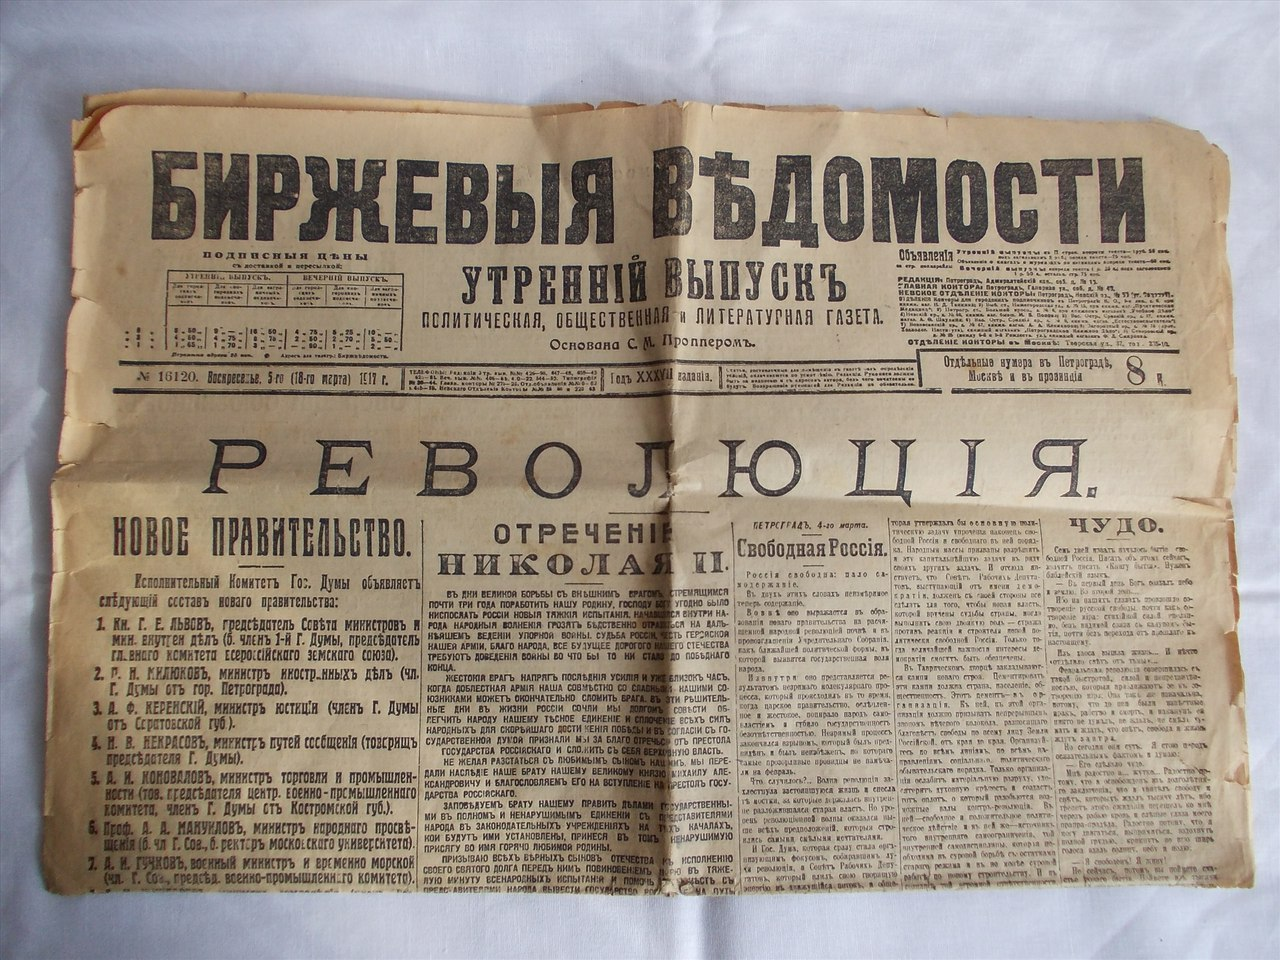 данные газета южный казахстан 19 февраля 2016 года квартиры Усть-Илимске